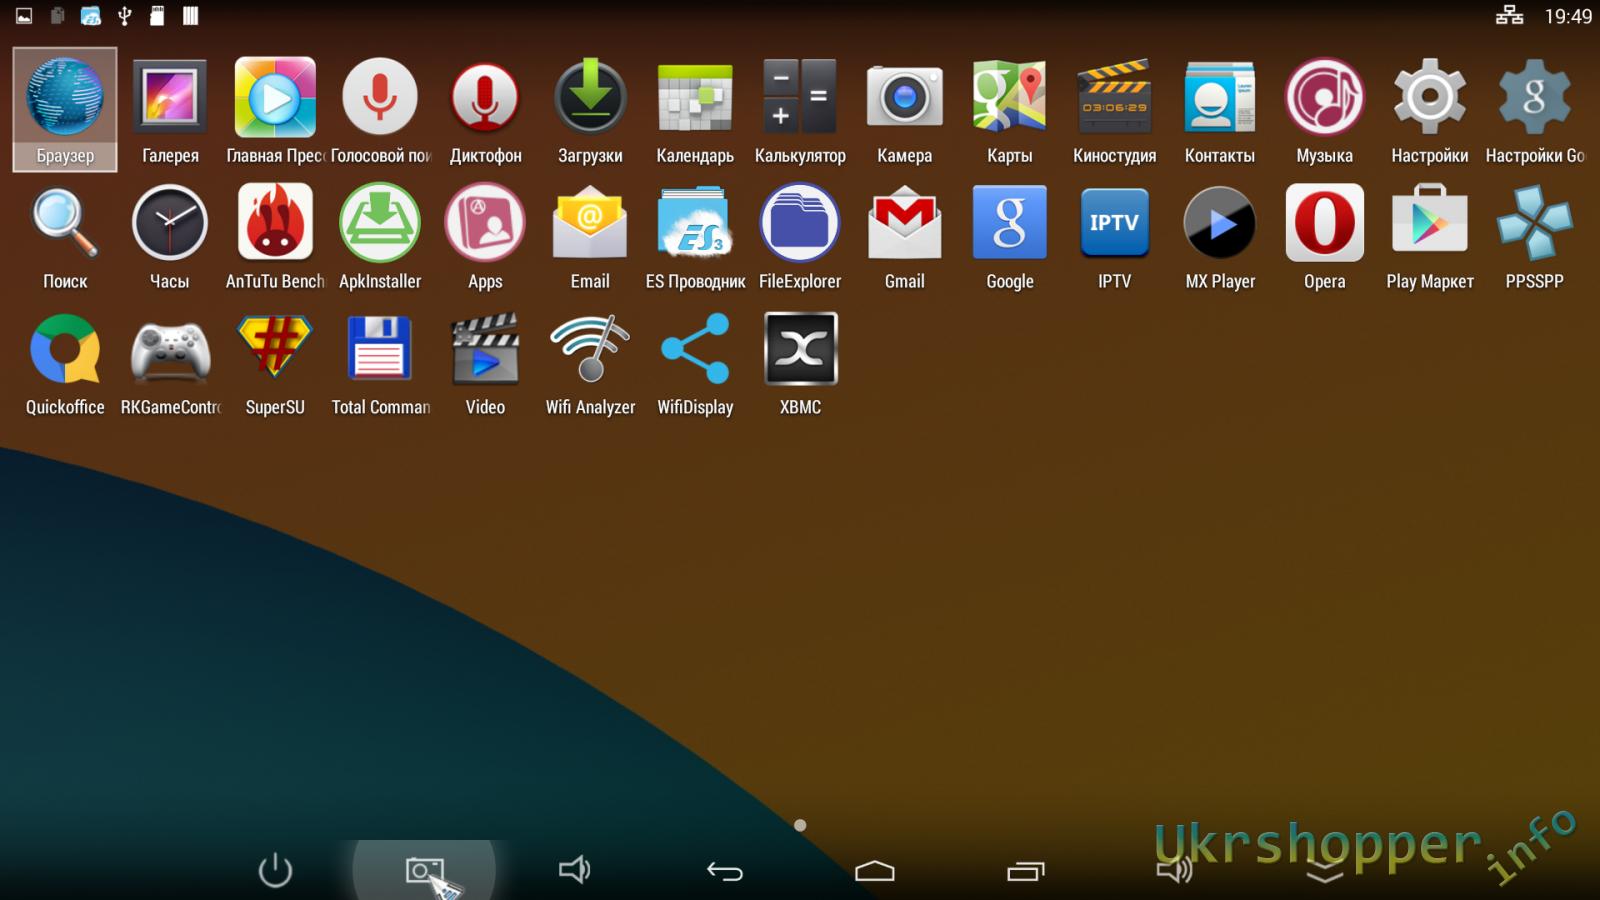 TinyDeal: Ubox 4K на RK3288. А так ли она хороша?